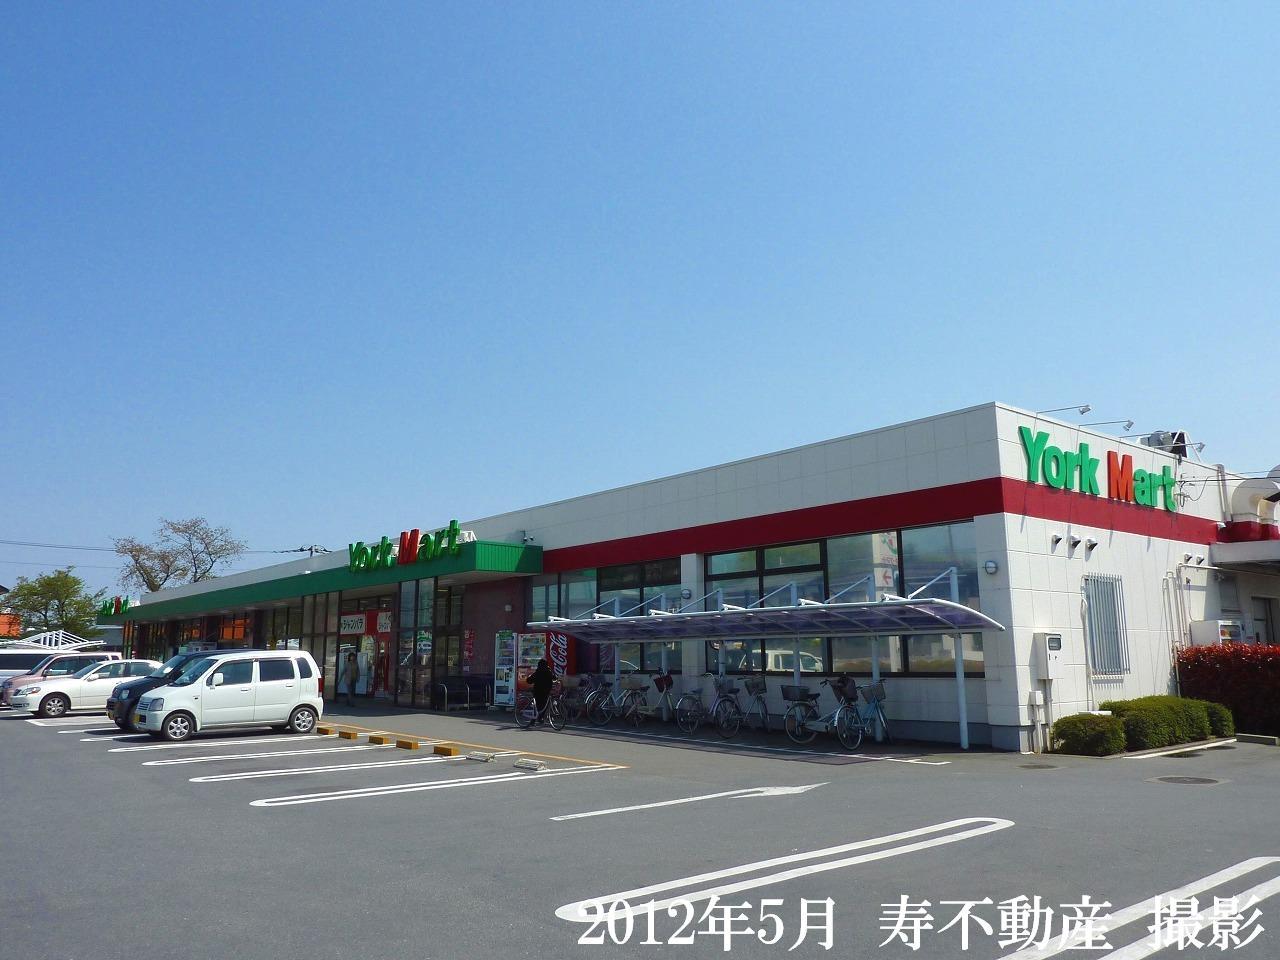 スーパー ヨークマート北本店(スーパー)まで561m